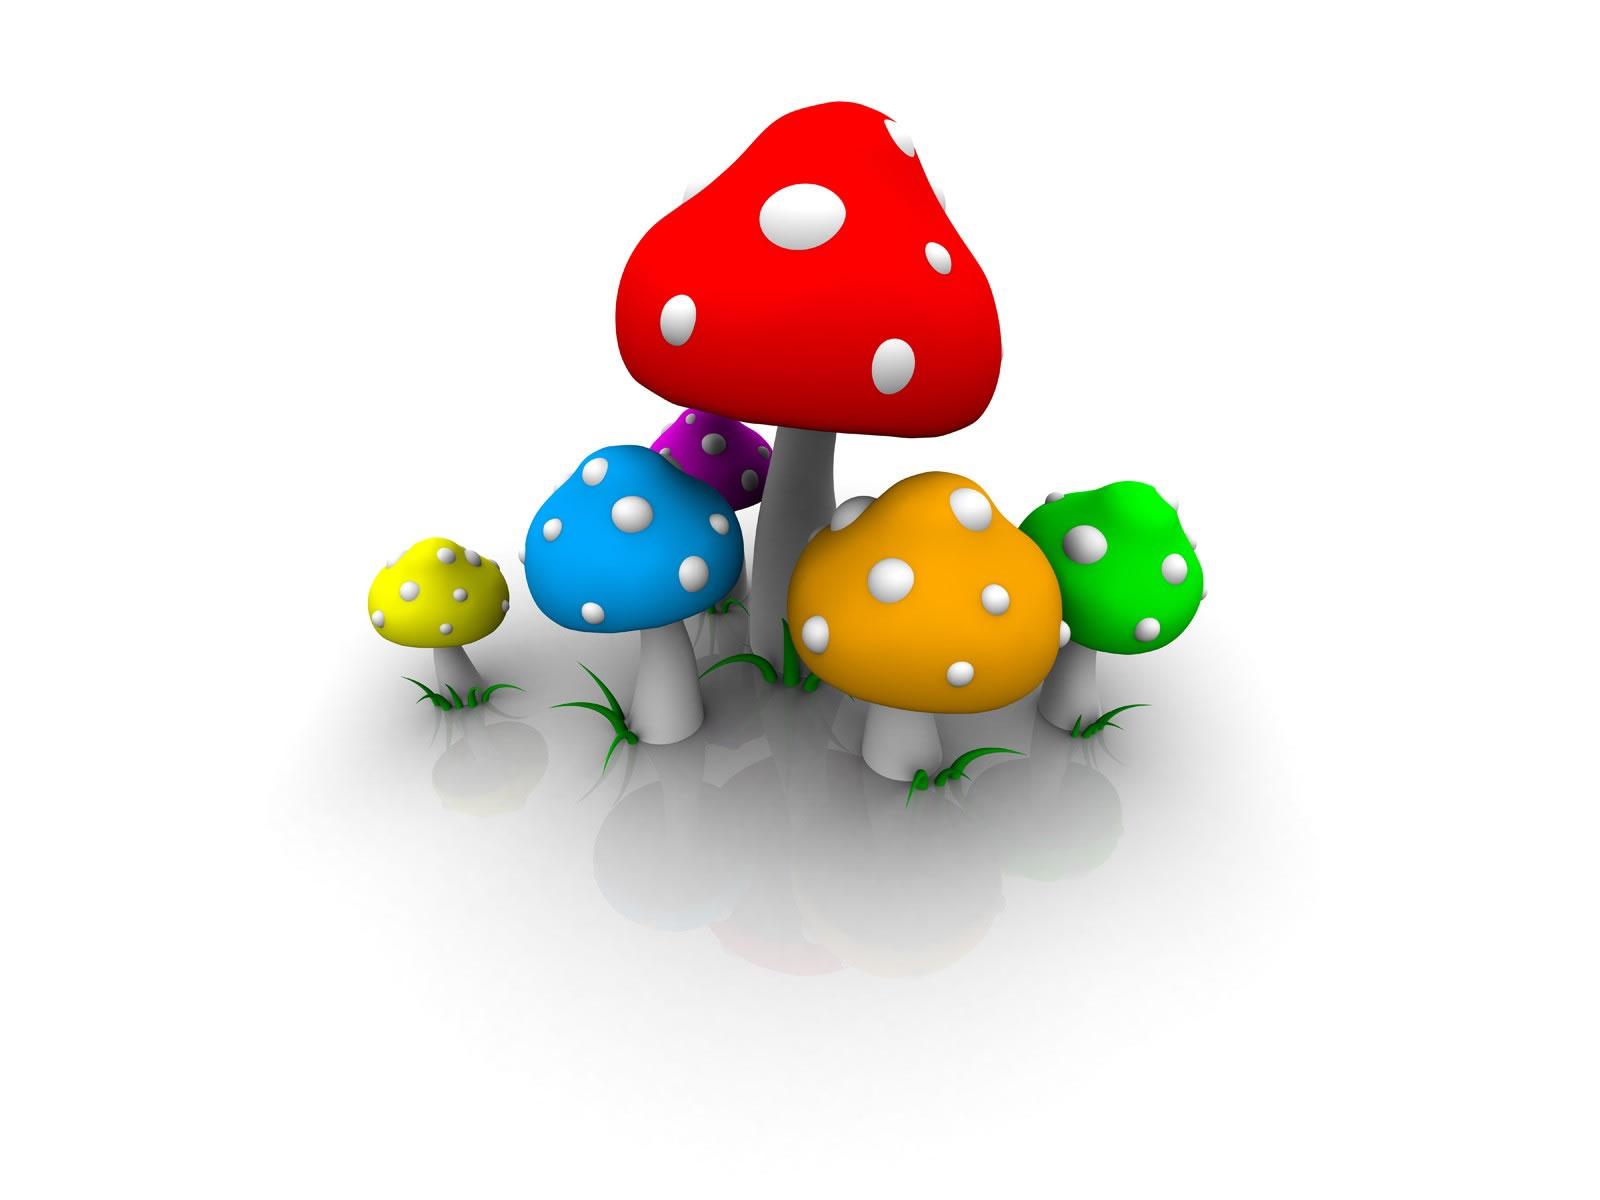 http://4.bp.blogspot.com/-lUZLA83-jVY/TpMefCb-7hI/AAAAAAAAAy0/sxrr0_dK-SQ/s1600/art-design_99716_jpg.jpg